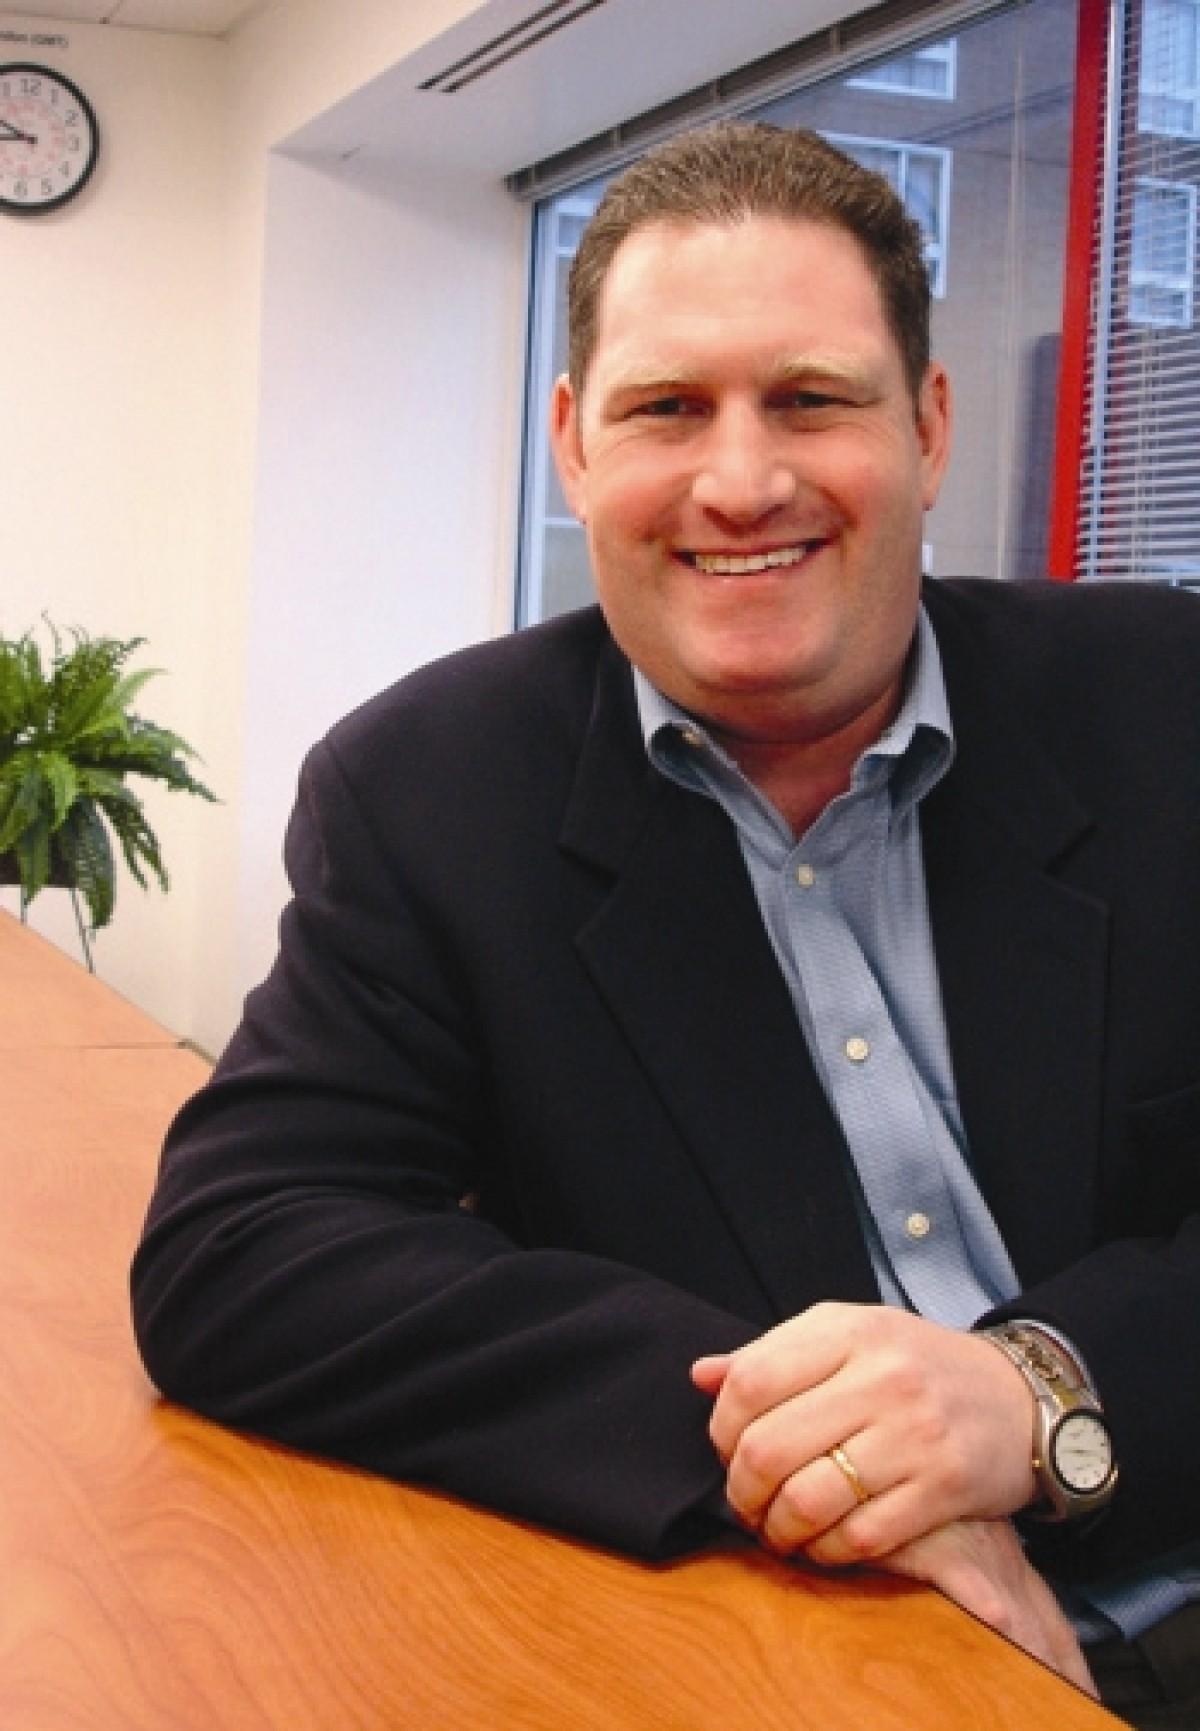 Bryan Gildenberg1